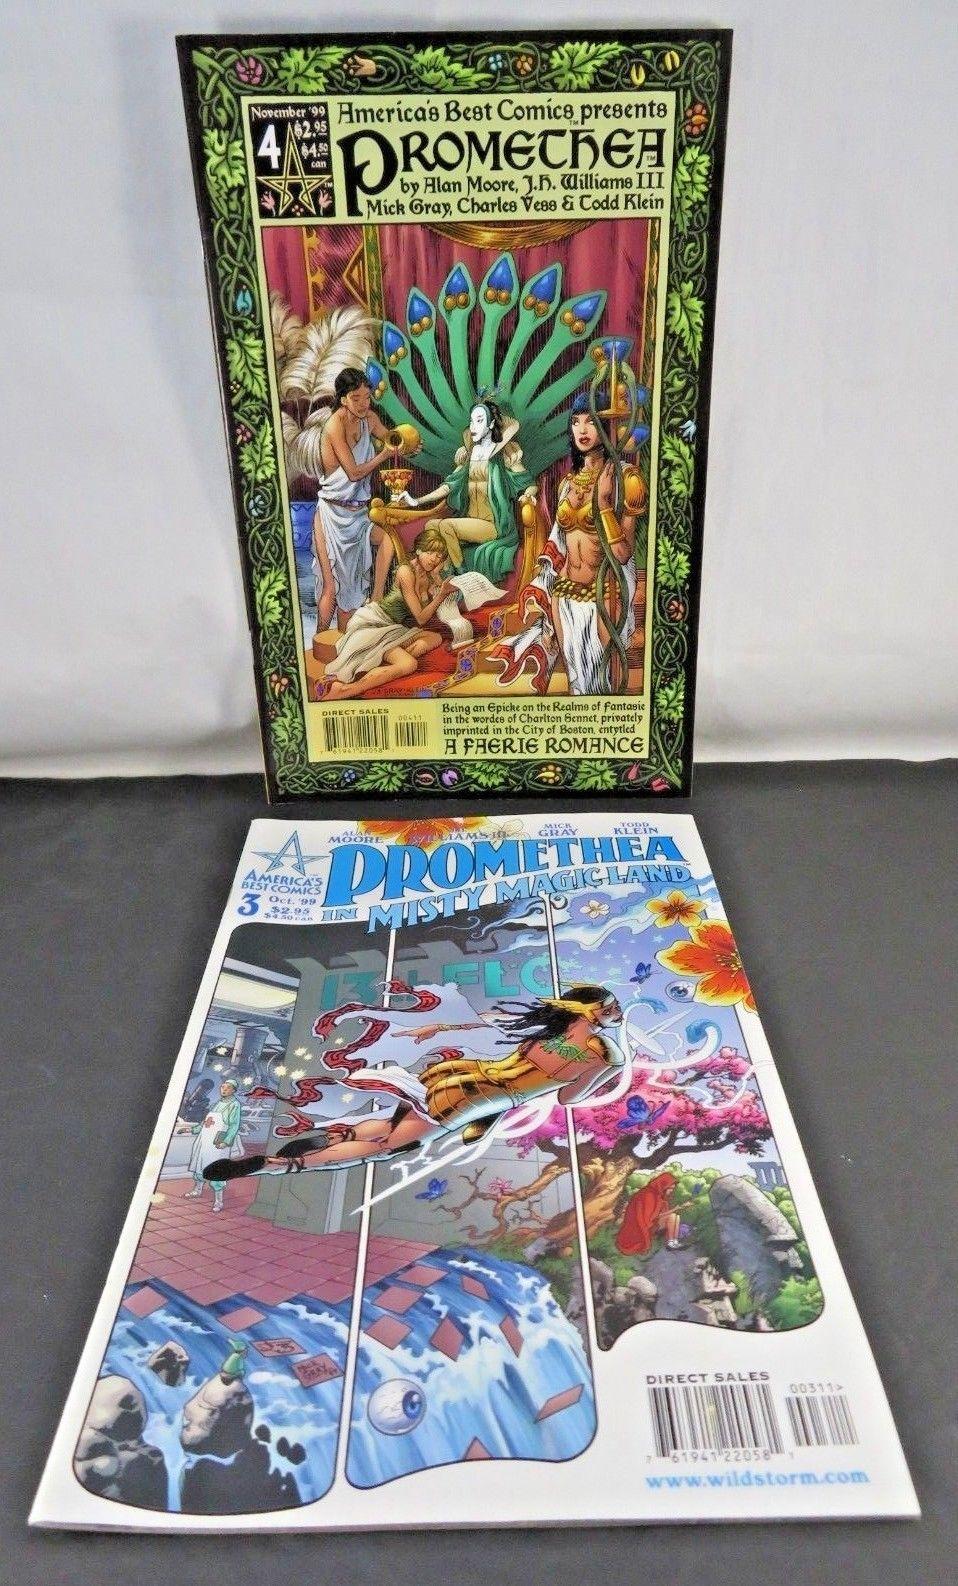 Lot of 8 Promethea comics No. 3, 4, 6 - 10 & 17 America's Best Comics Alan Moore